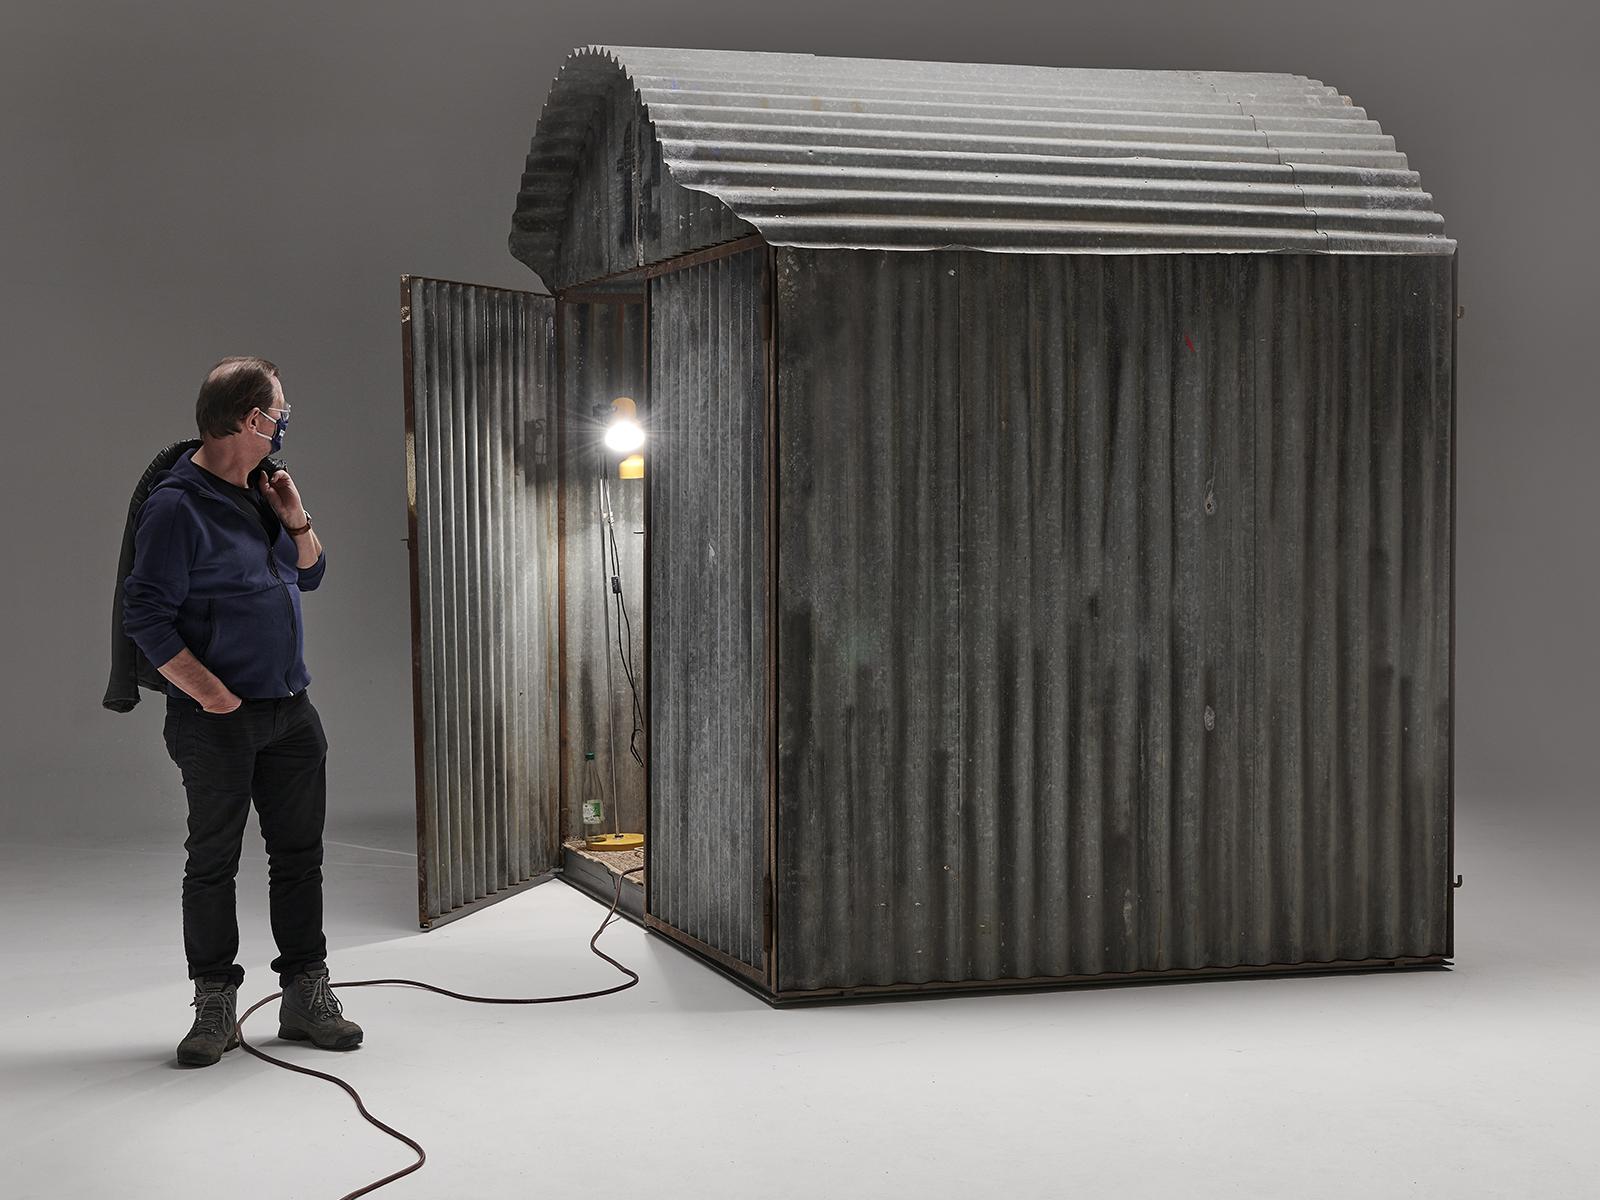 objekt von winfried baumann nürnberg im studio